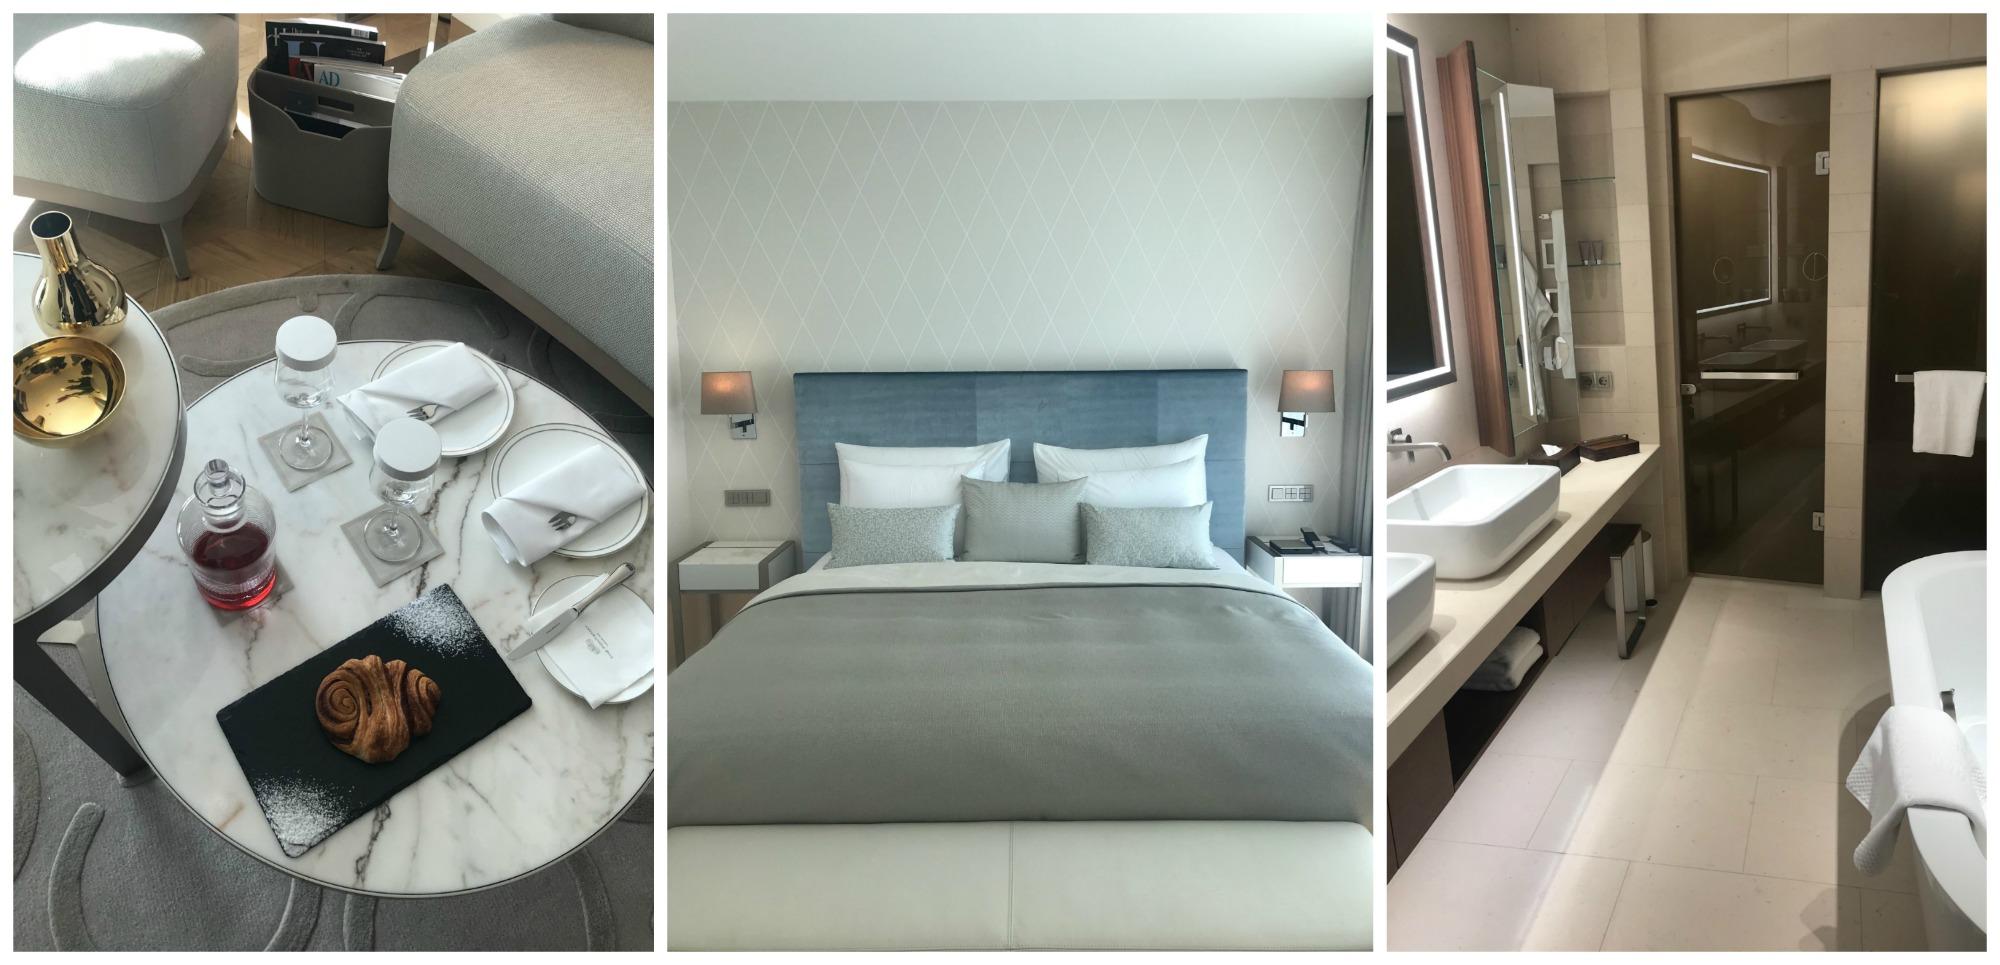 132 Zimmer Und 17 Suiten Hat Das Haus, Jedes Zimmer Mit Balkon Und  Außenblick, Viele Mit Alsterblick, Herz Des Hotels Ist Das 27 Meter Hohe  Atrium Lounge.